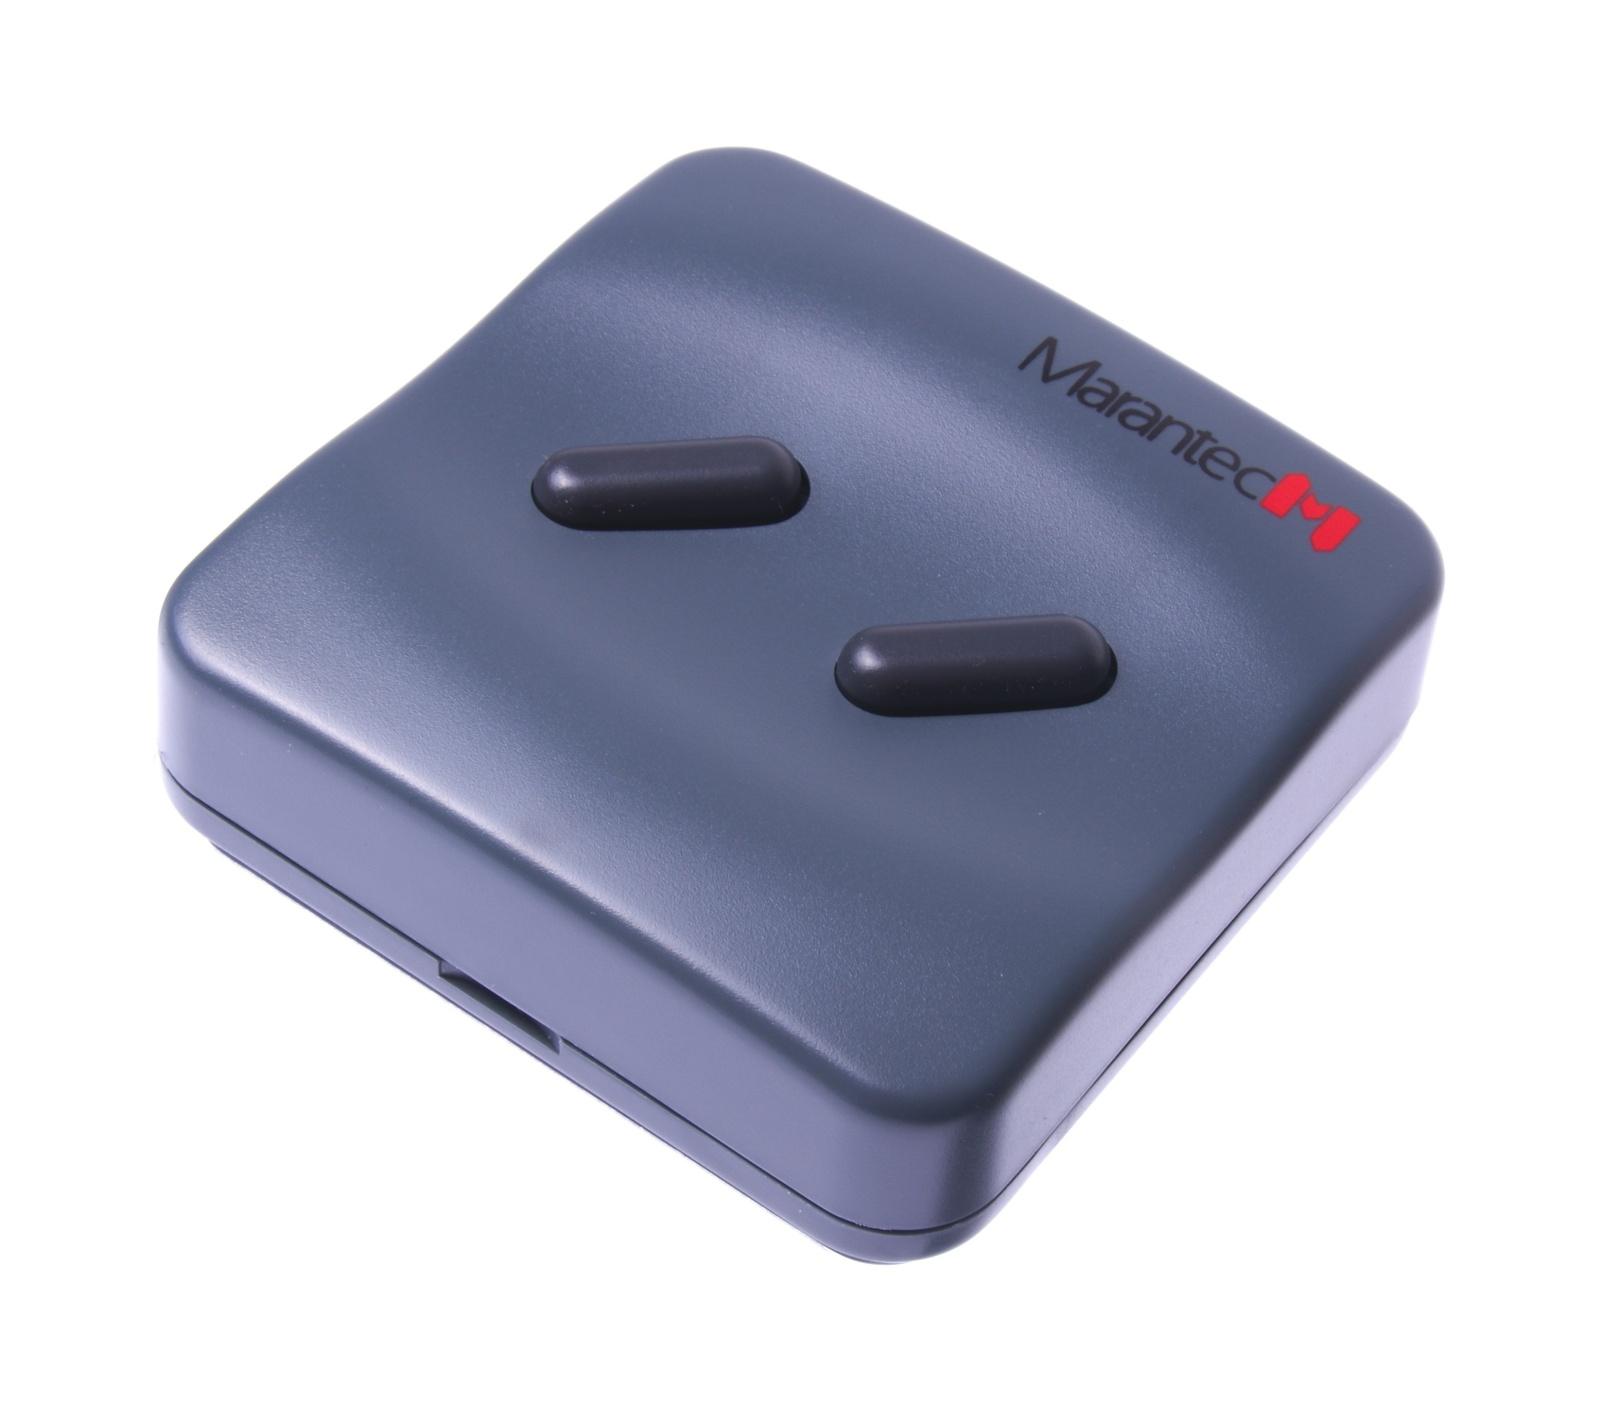 Bezdrátové 2 tlačítko Marantec Command 131 pro pohony Marantec, 433,92 MHz